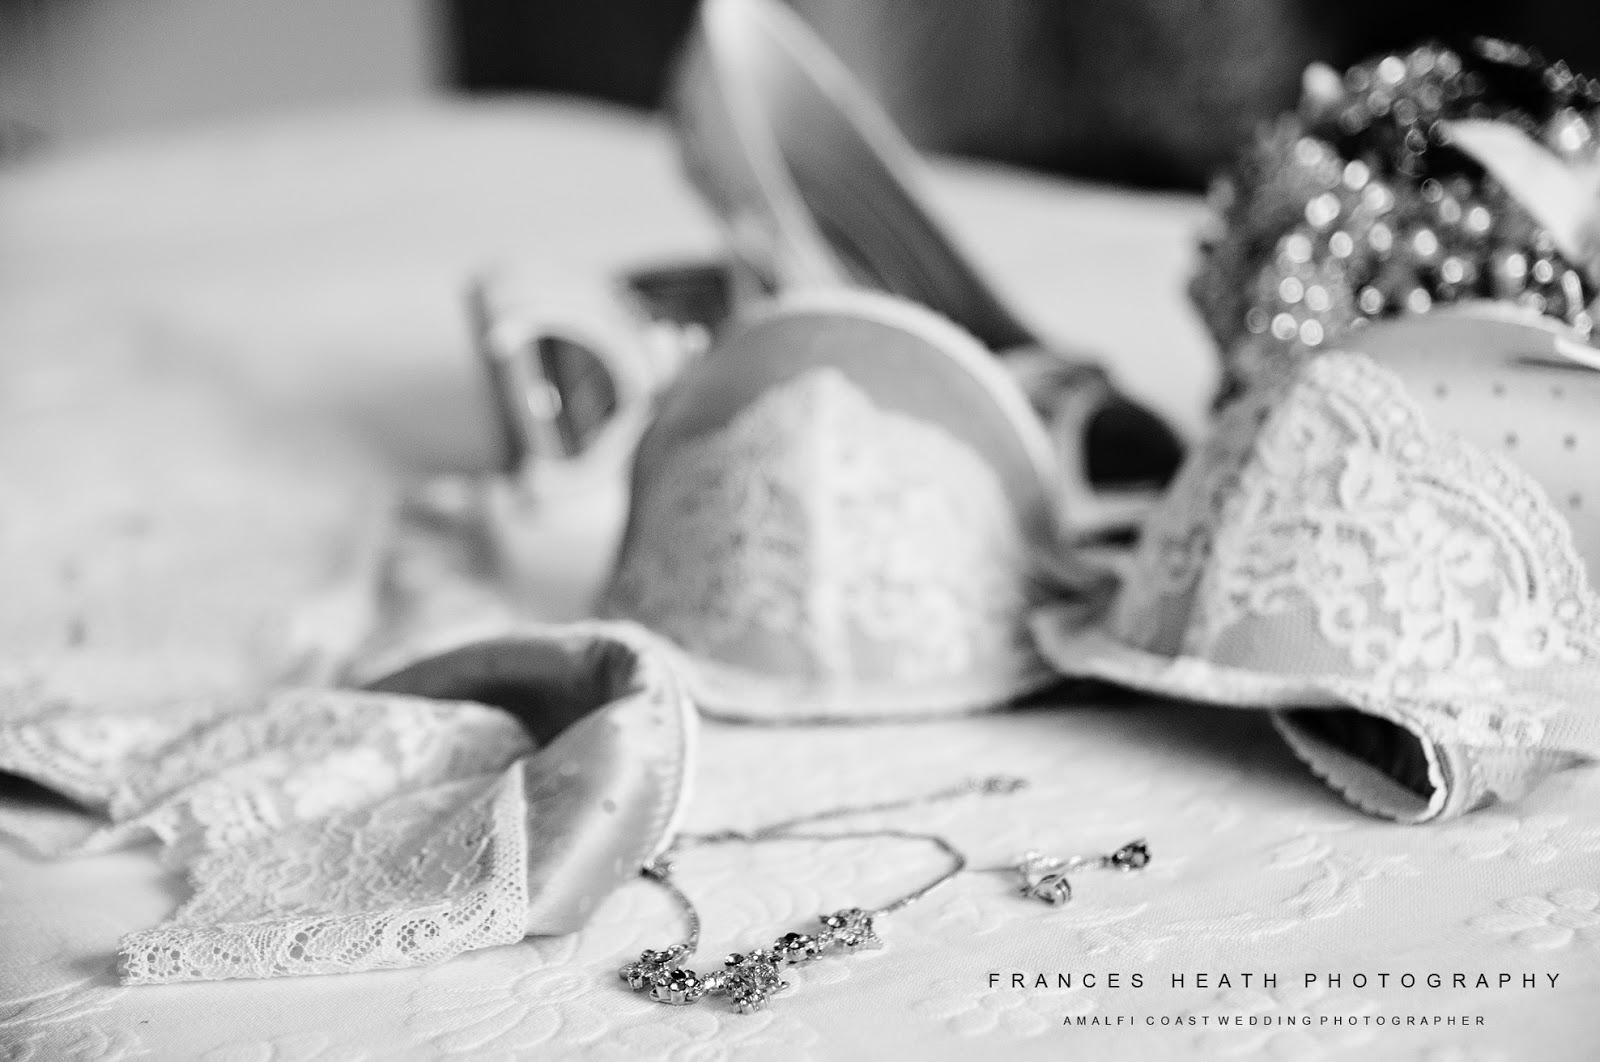 Wedding details in Positano